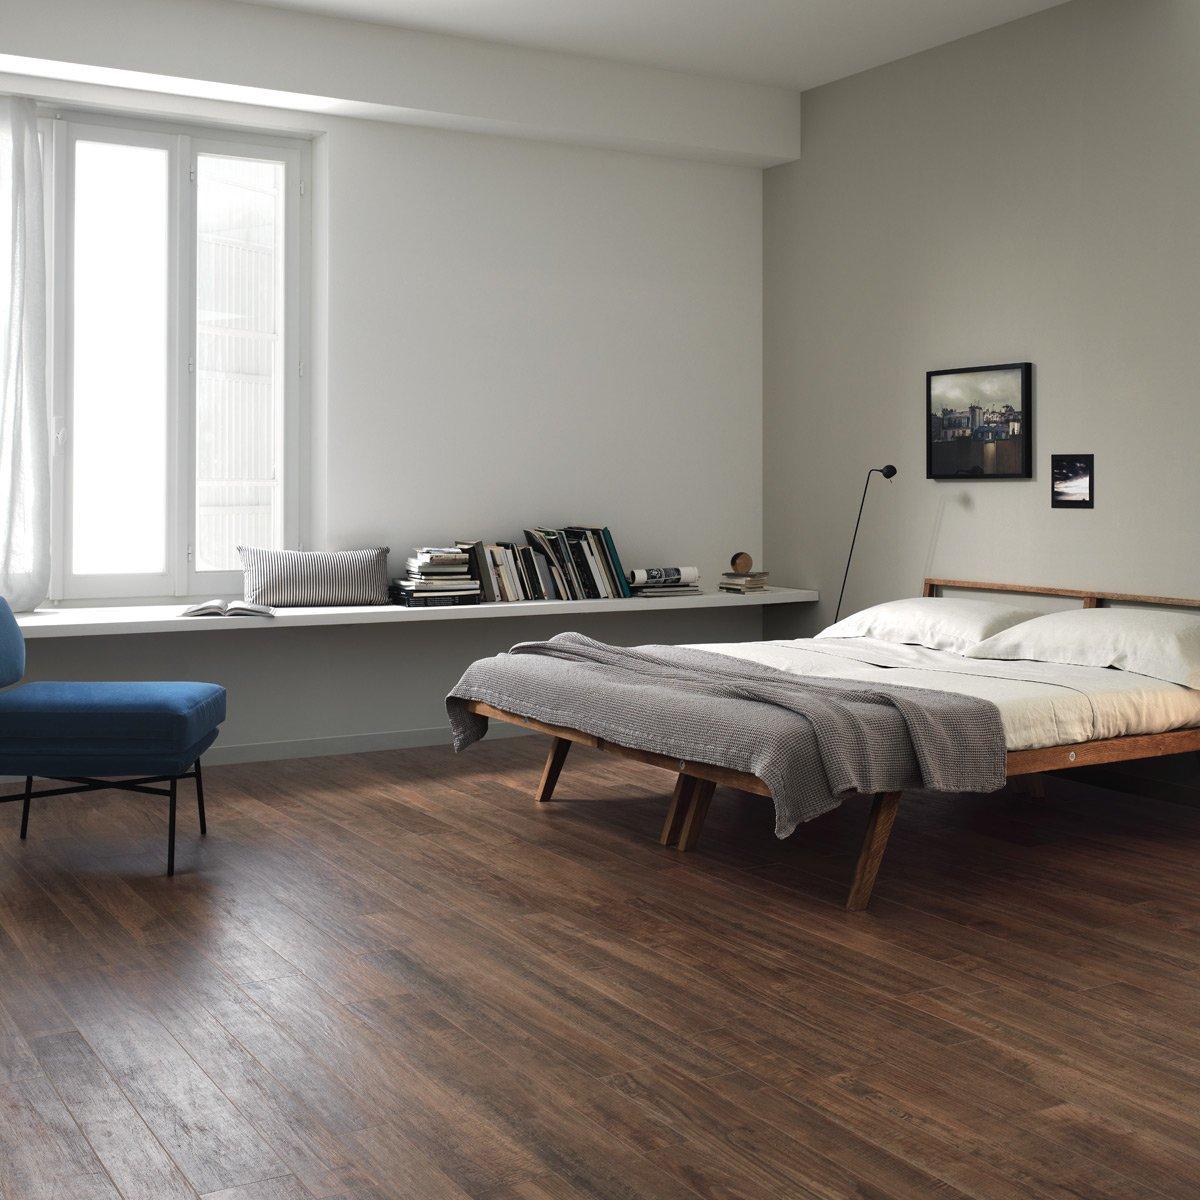 pavimento-noce-camera-letto